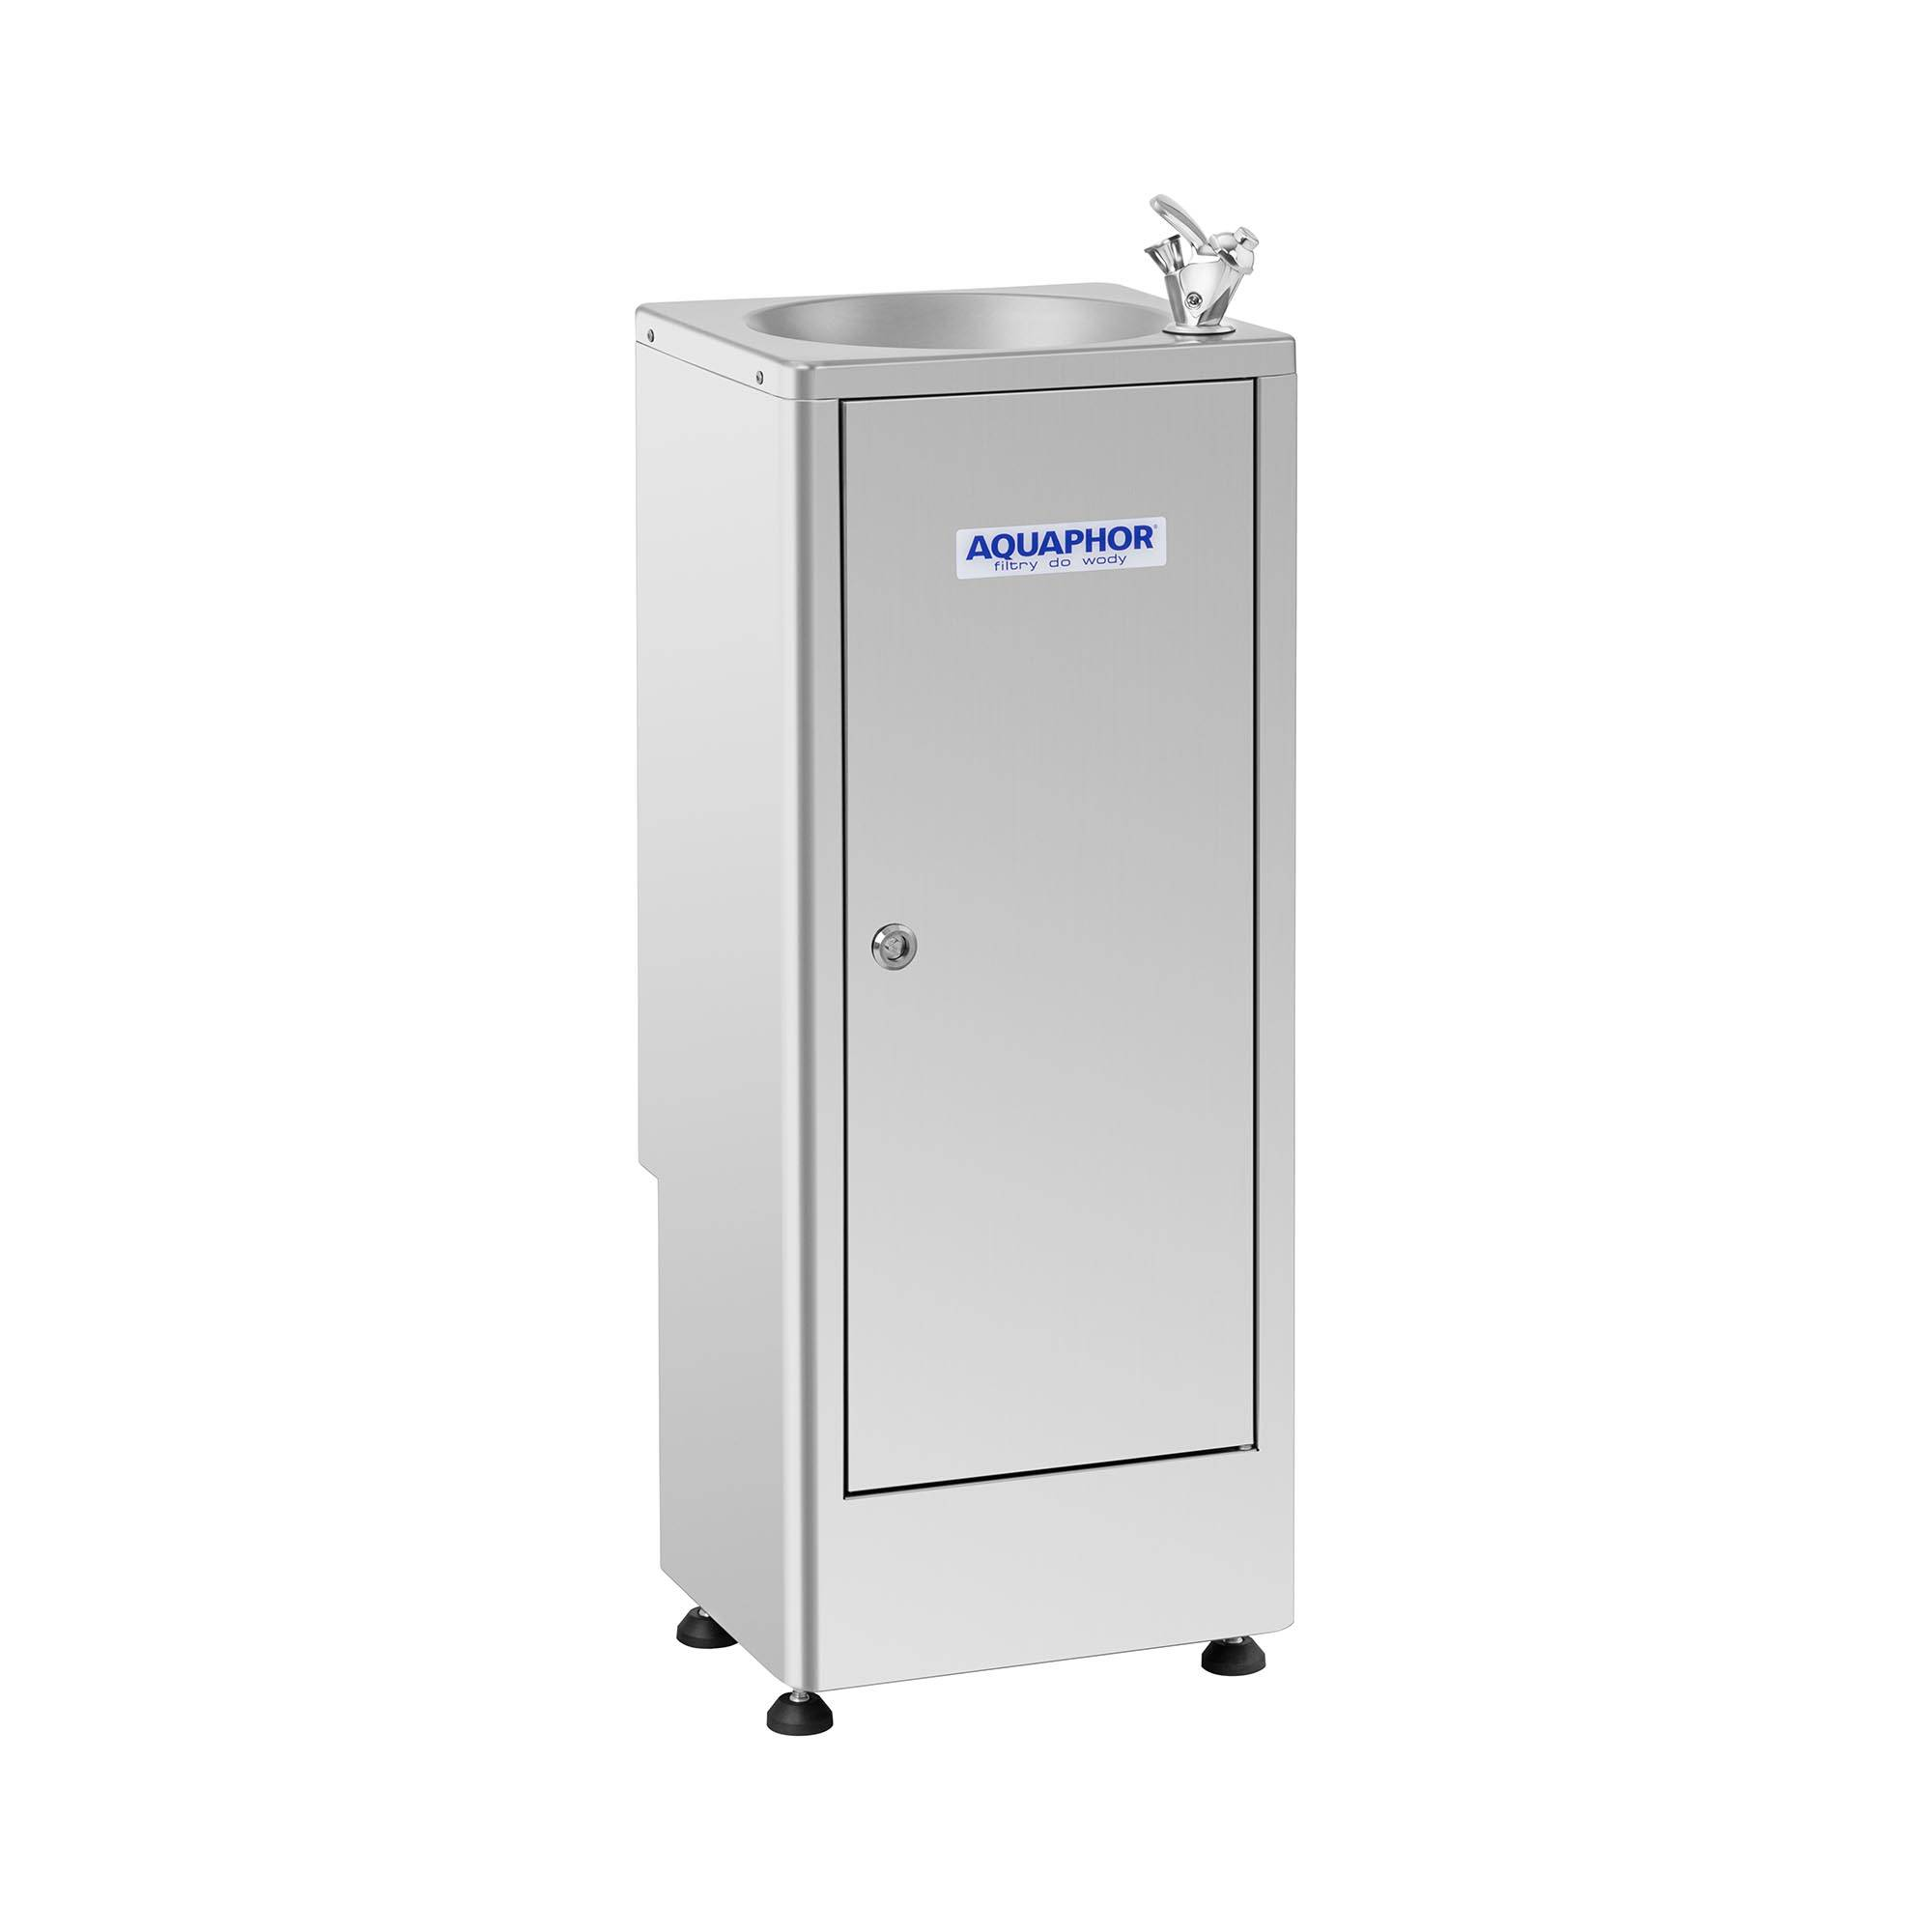 Aquaphor Fontaine à eau Aquaphor - Inox - Avec système de filtration à charbon actif FOUNTAIN WATER DISTRIBUTOR